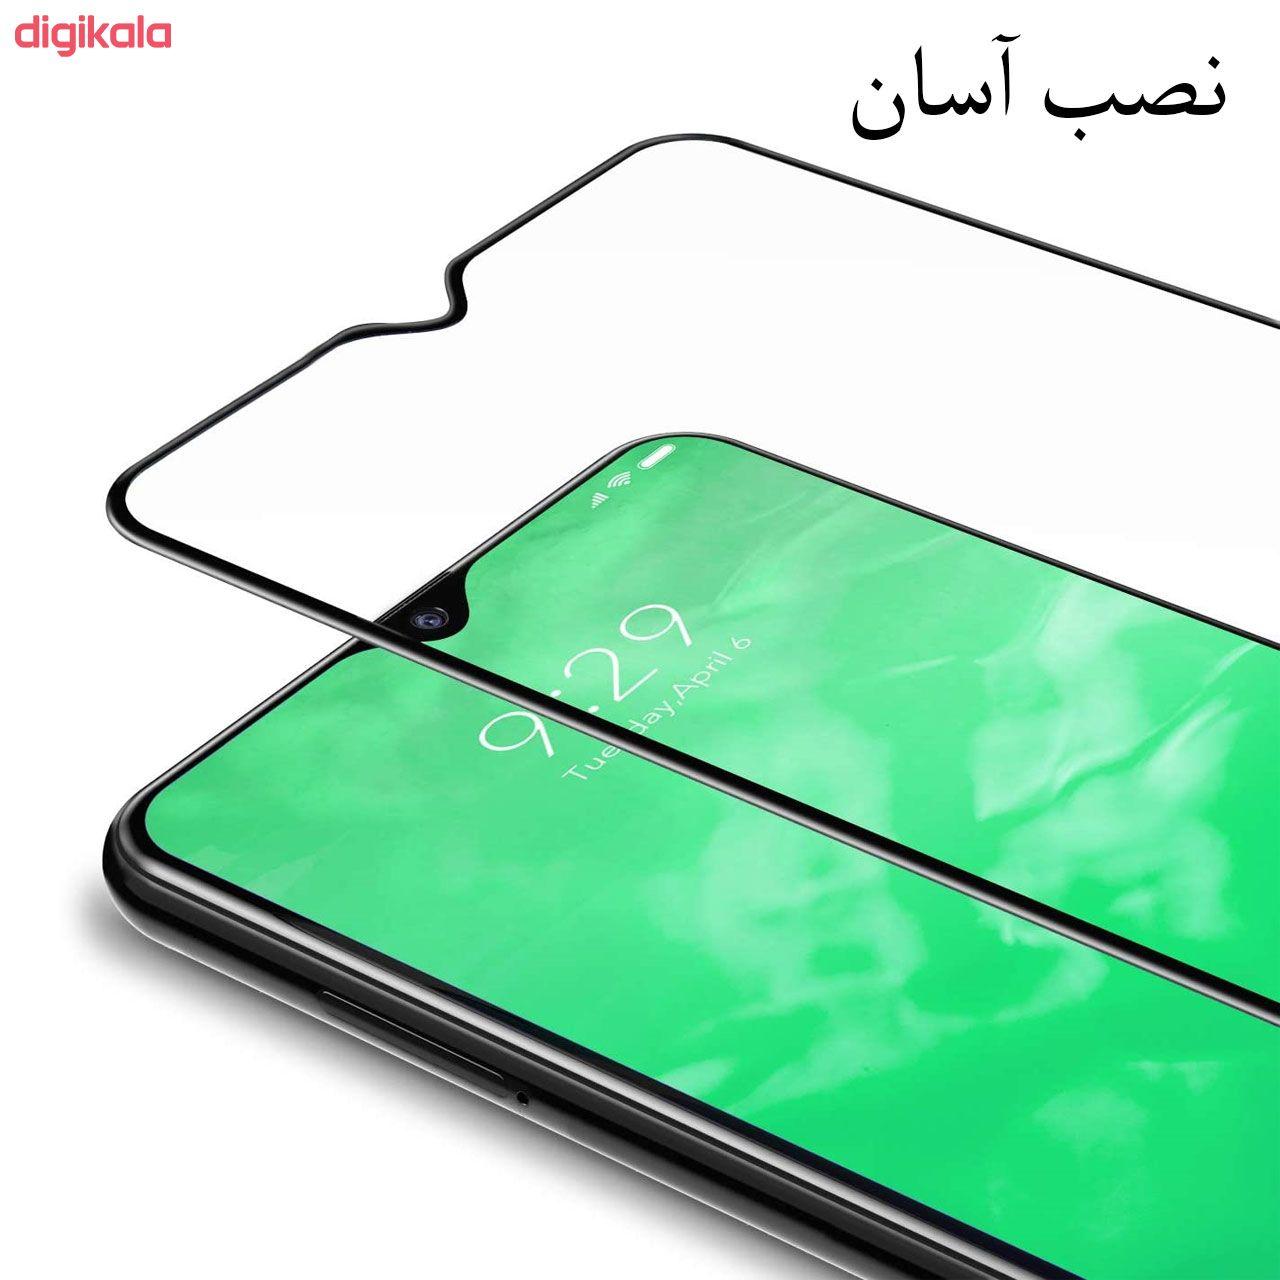 محافظ صفحه نمایش مدل FCG مناسب برای گوشی موبایل سامسونگ Galaxy A12 main 1 3